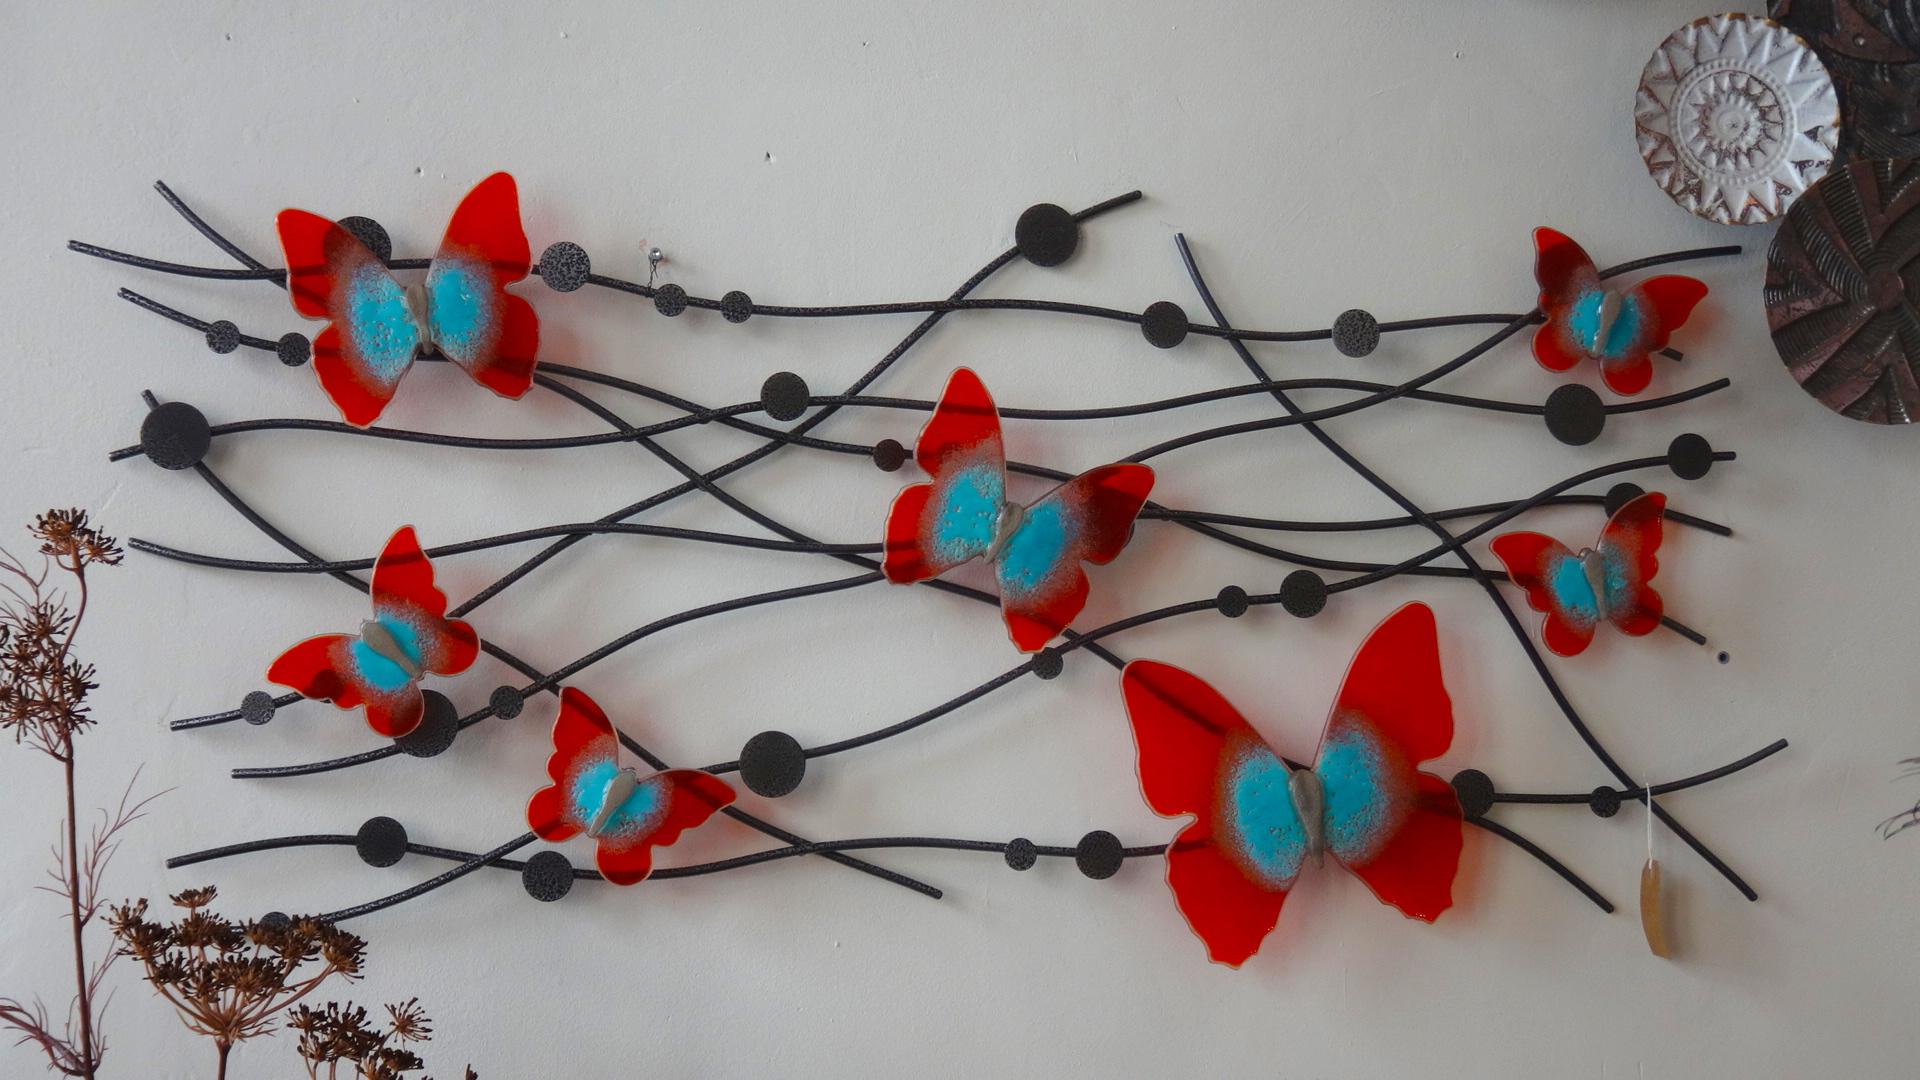 wand decoratie 5.1